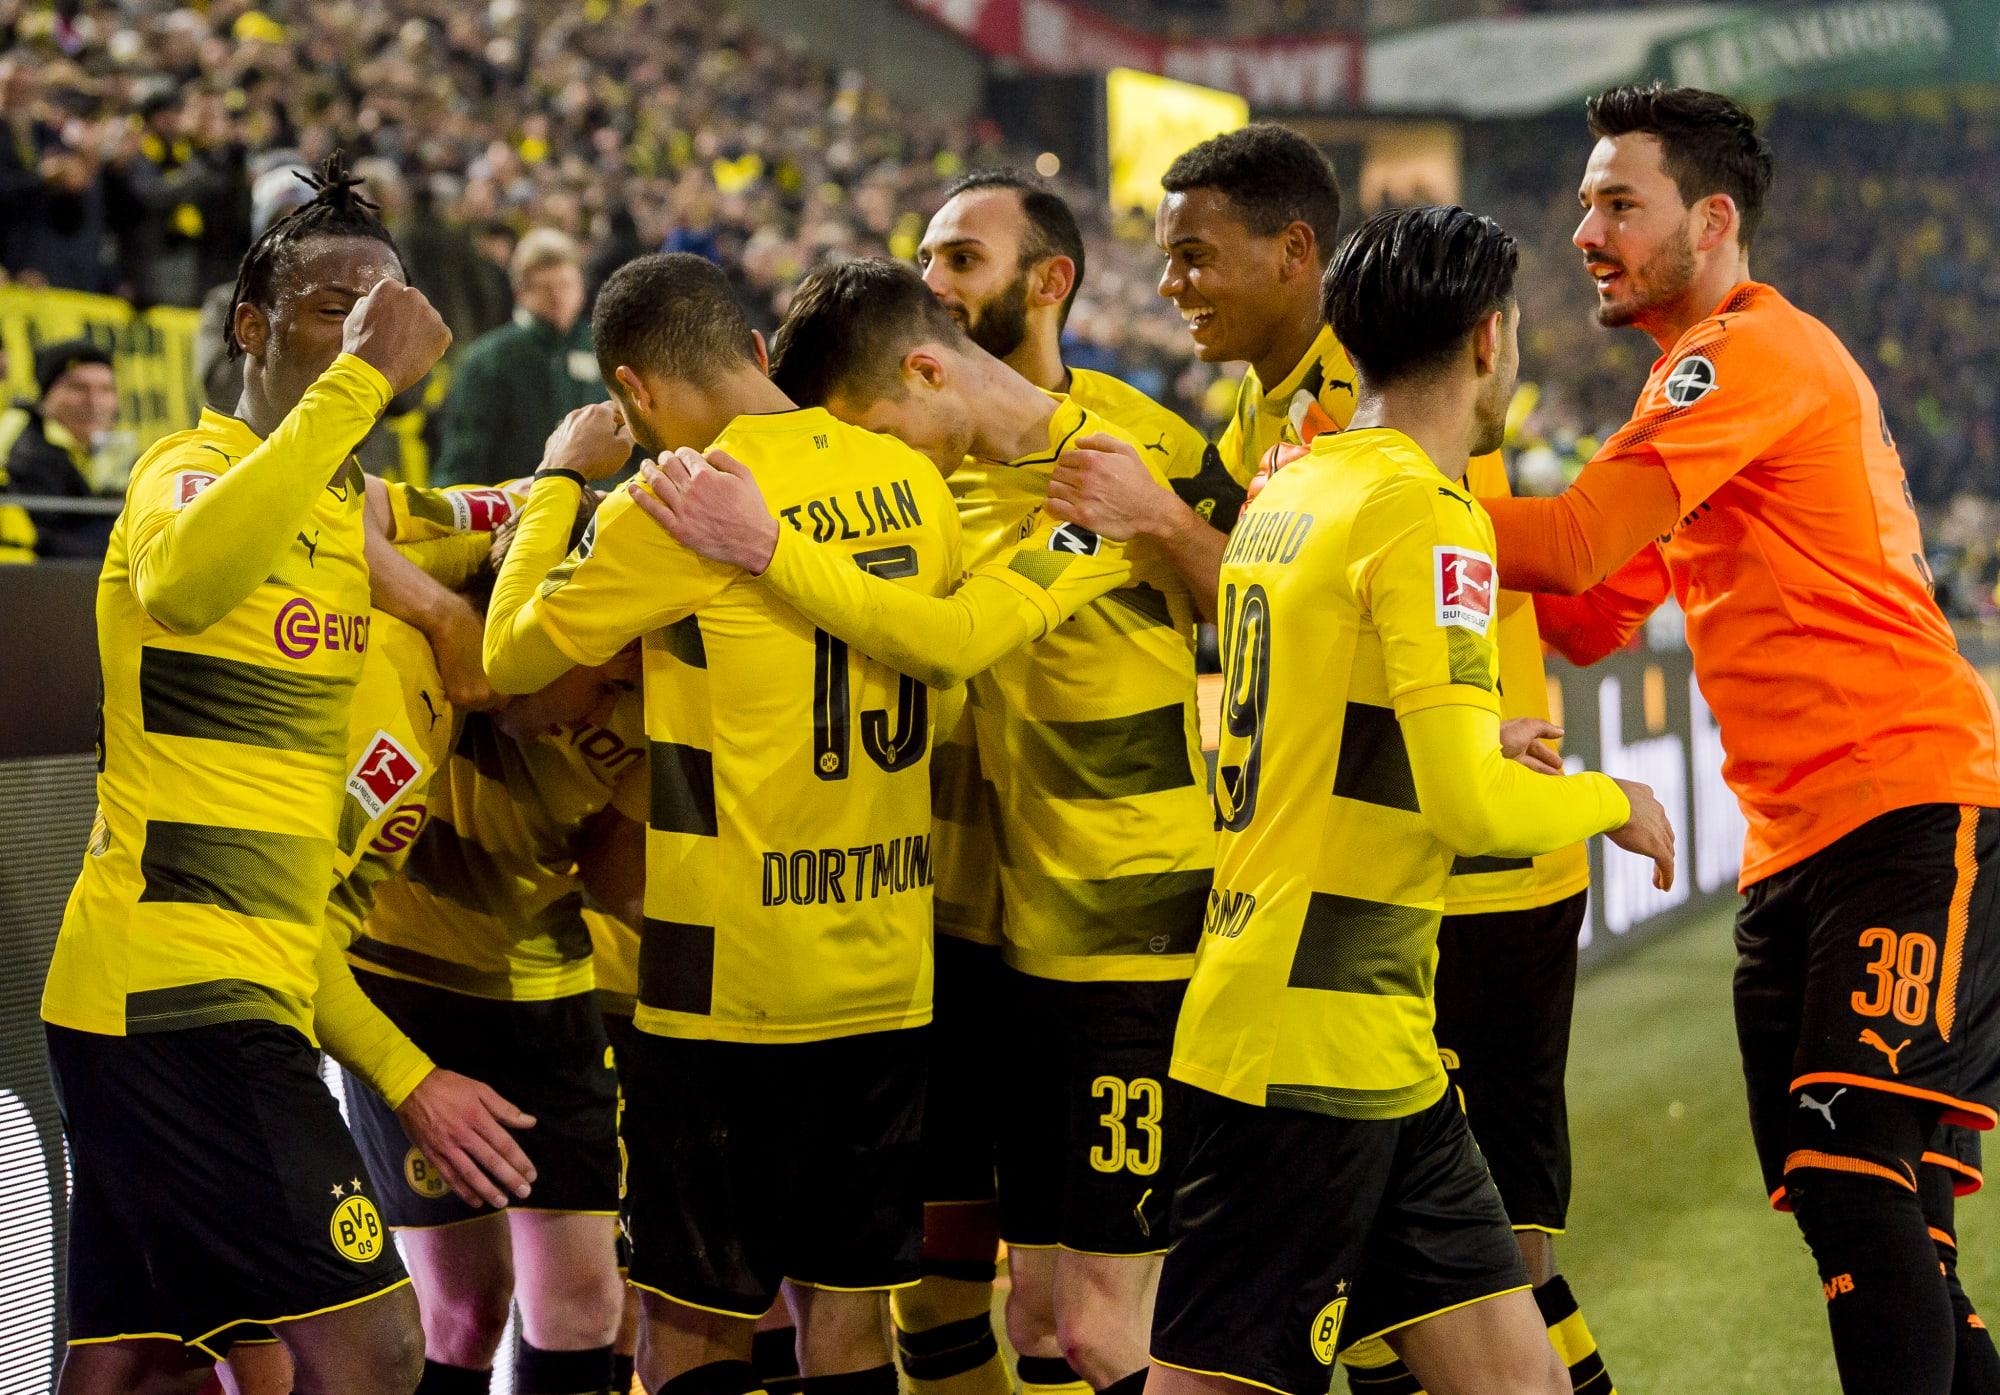 Dortmund Bvb Europa League